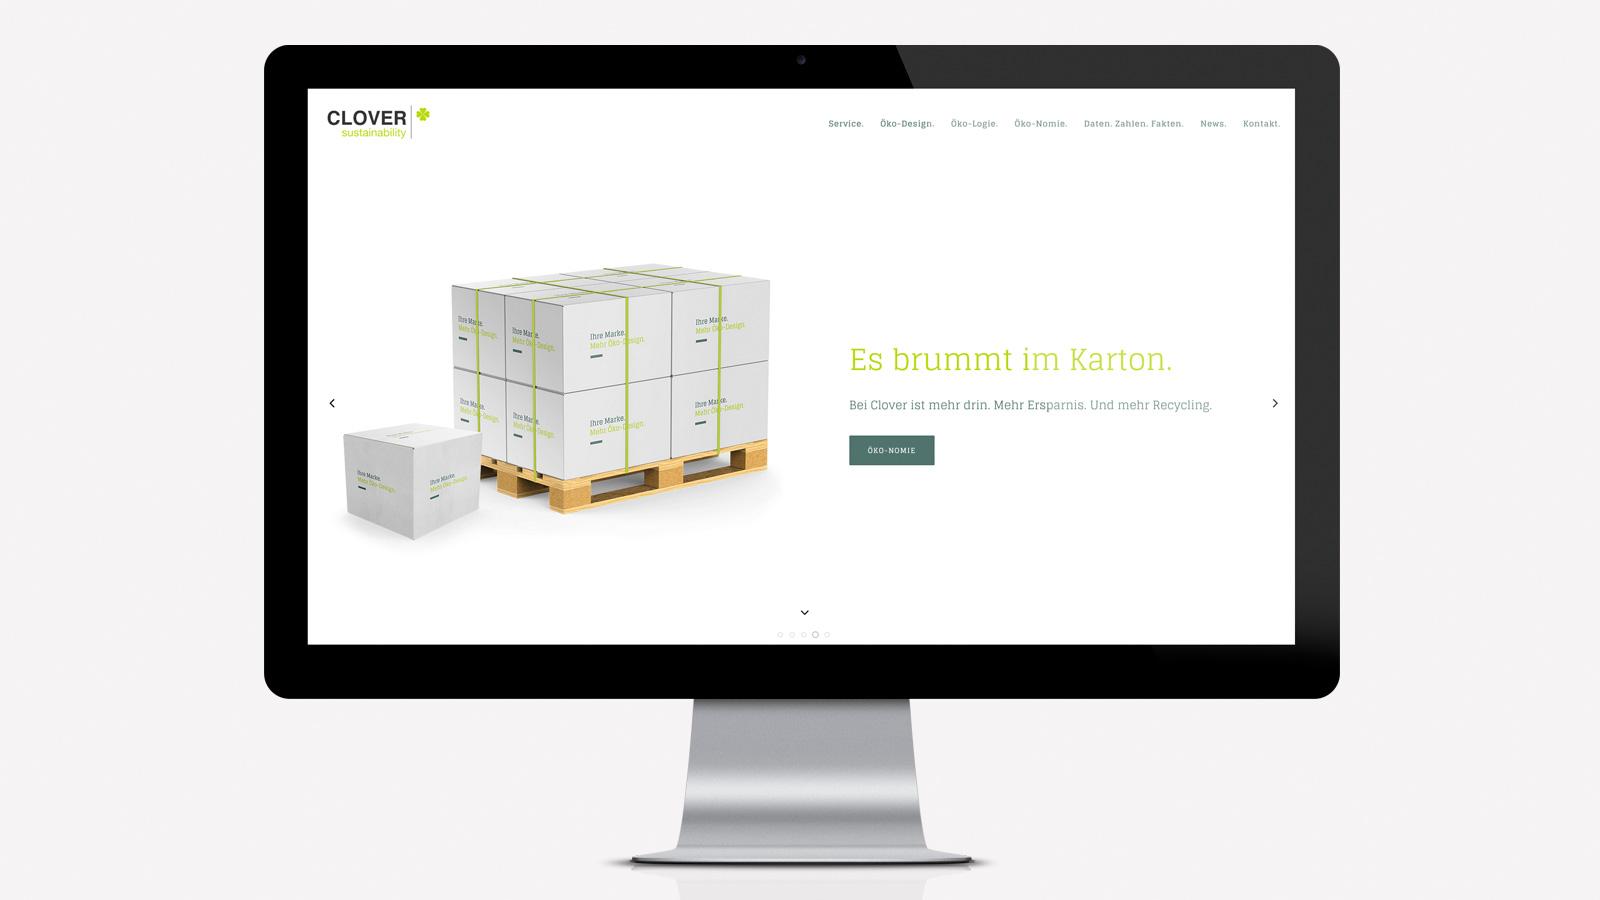 Webseite für Verpackungsdesign